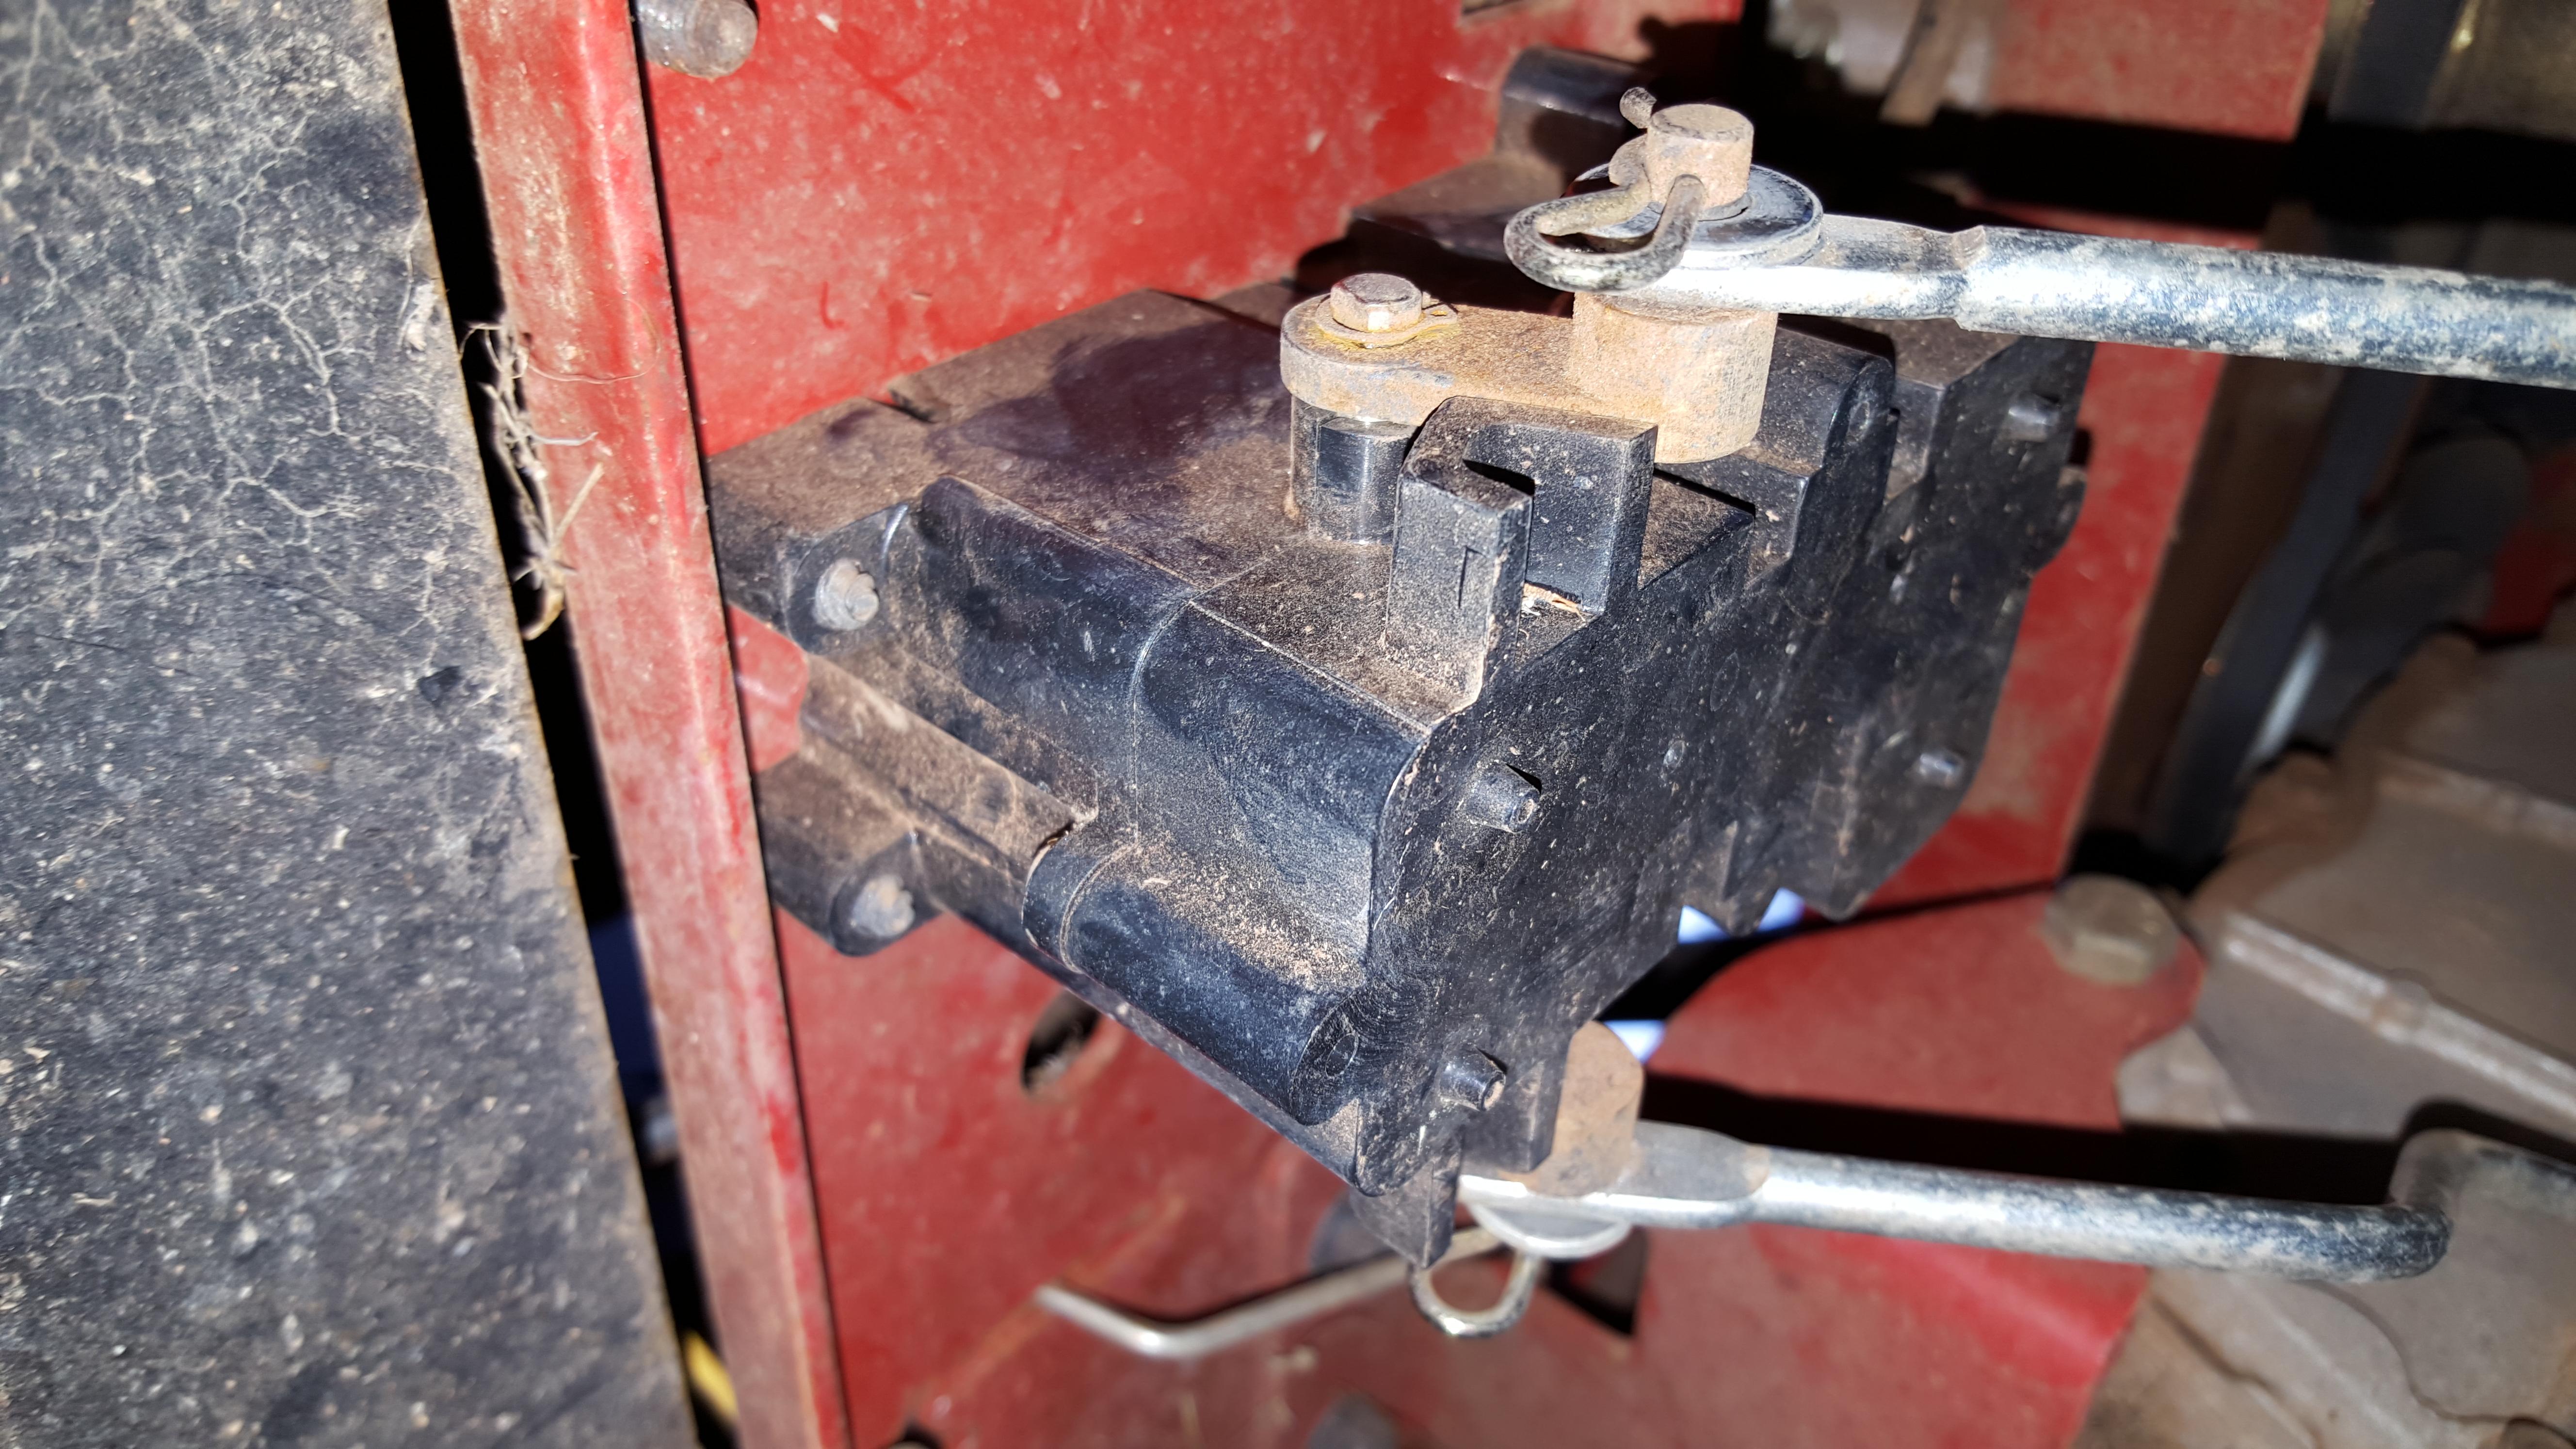 fd315982-0c3b-4f75-b9d1-31e1c20c4d7c_Toro electic brake actuater.jpg